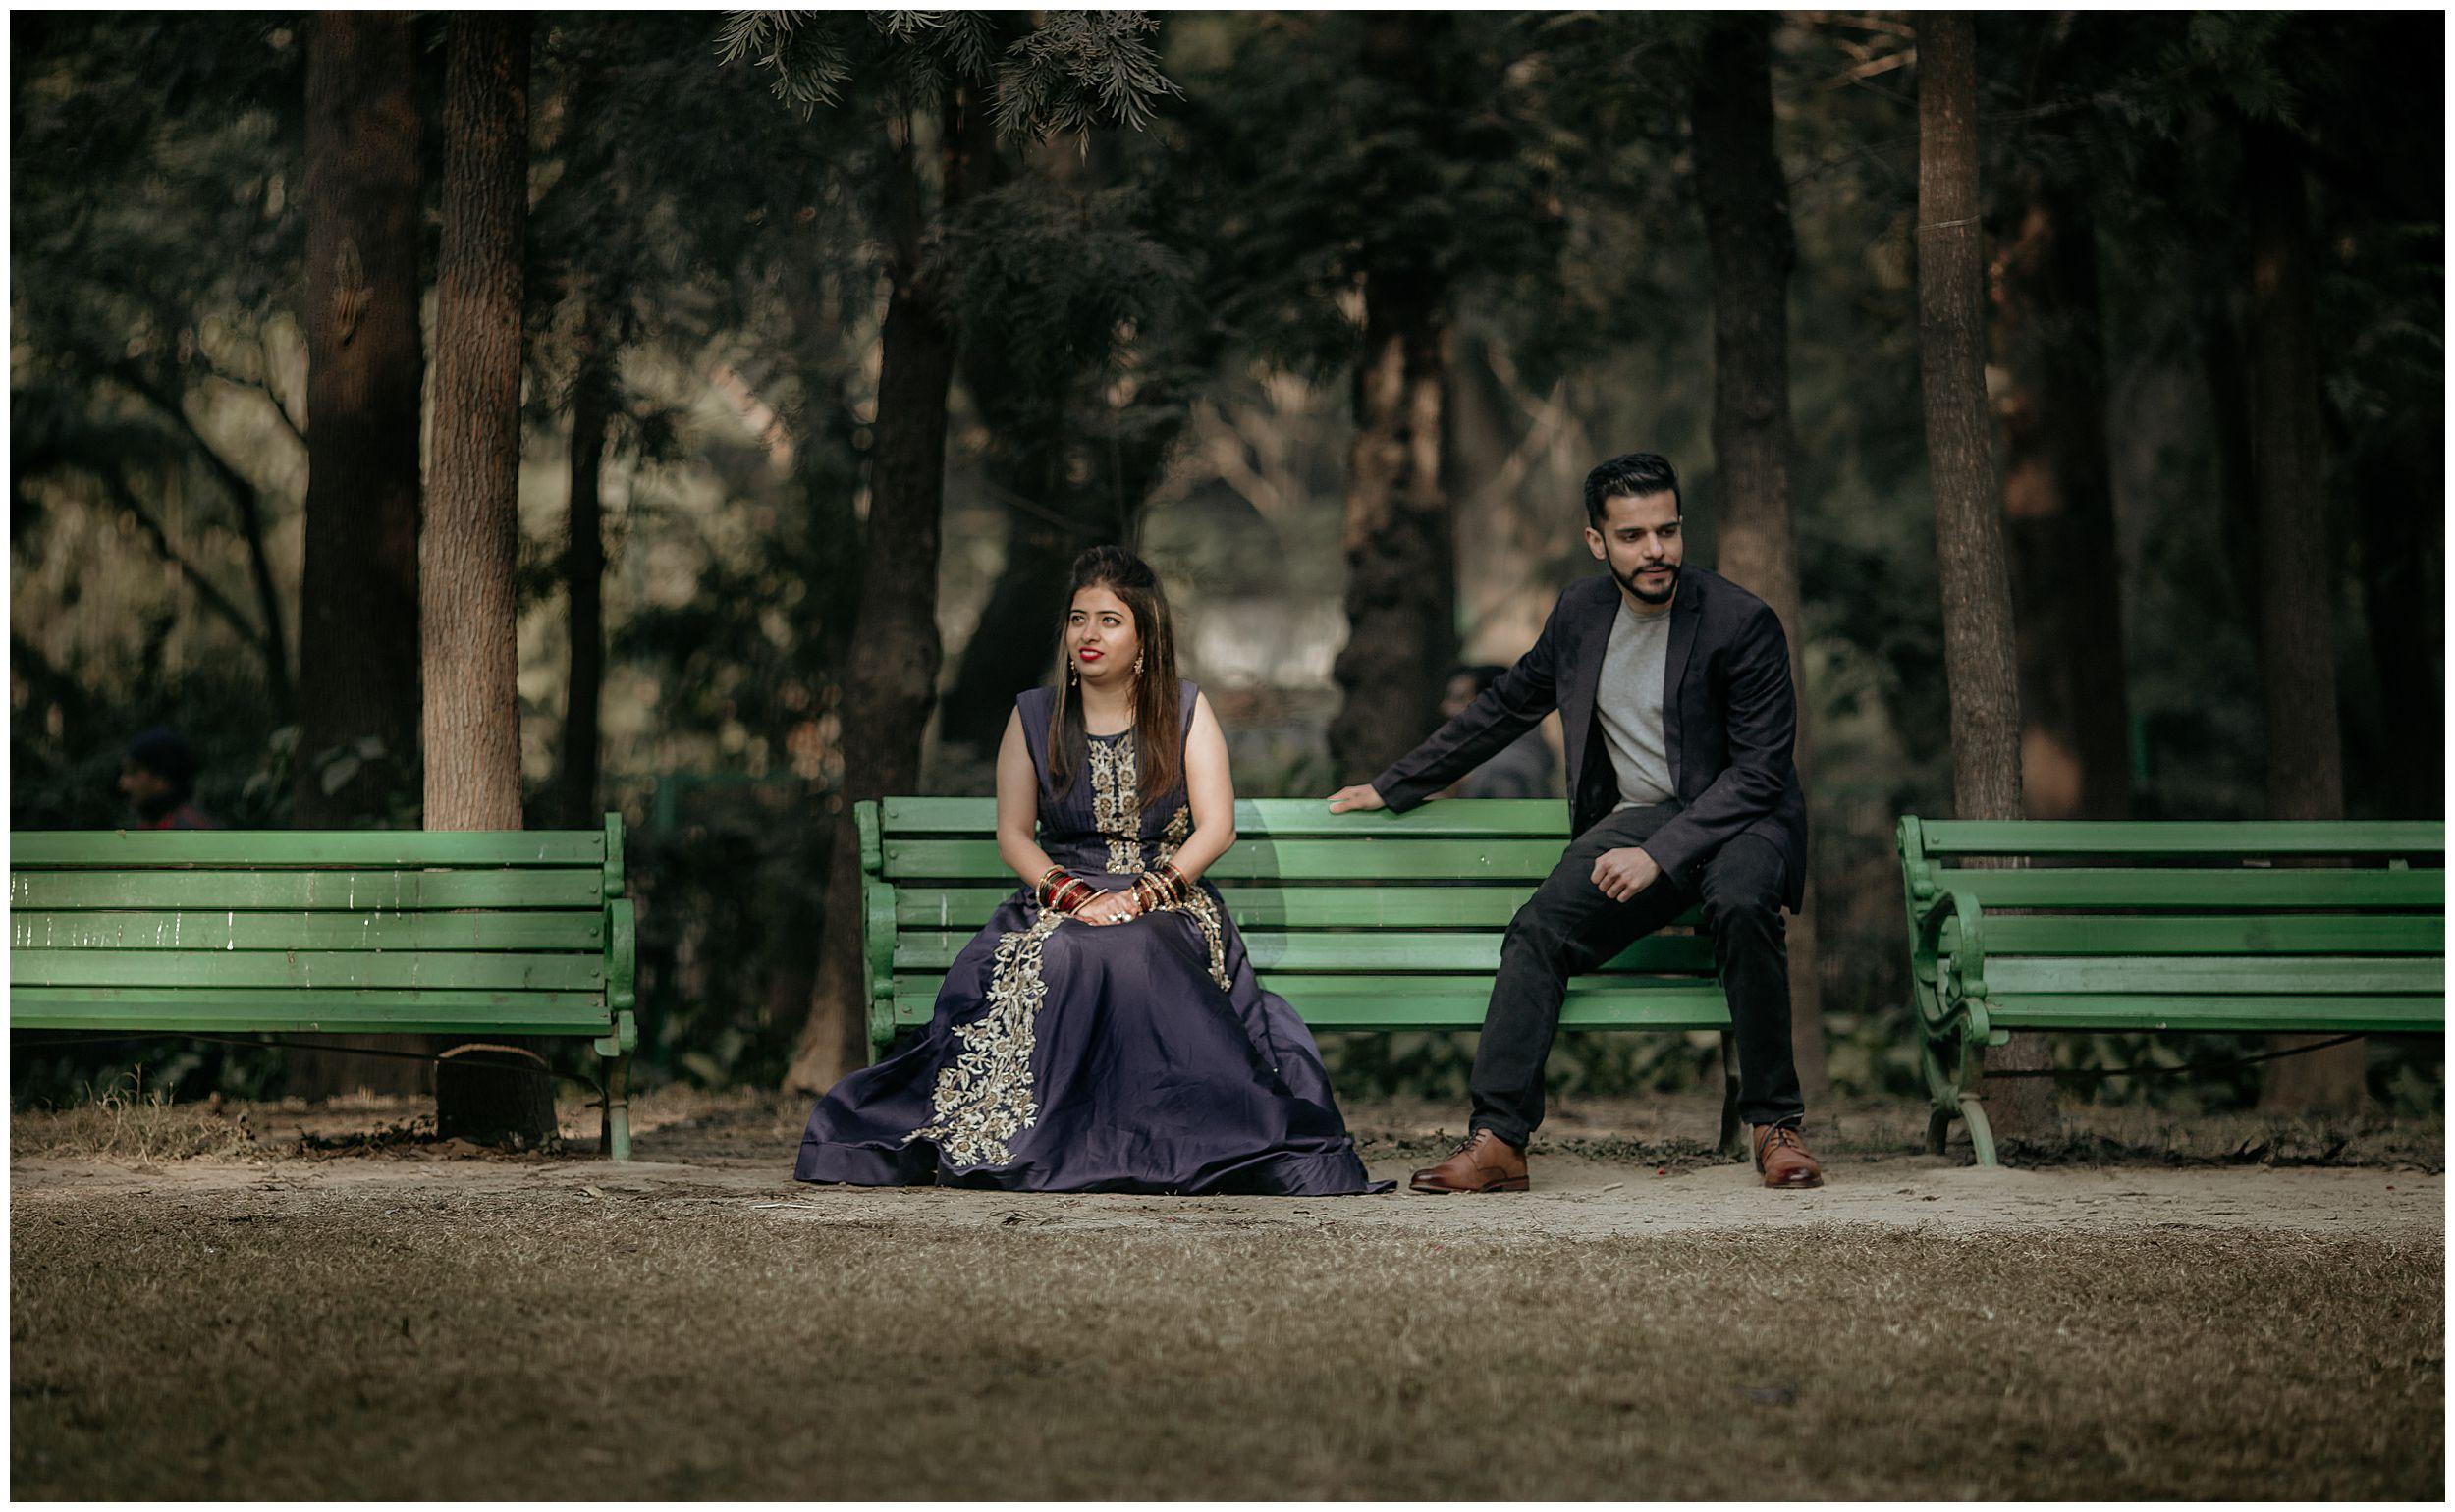 RABBYA_SHARAD_MYVISUALARTISTRY_WEDDING_PHOTOGRAPHY_MVA_DELHI3.jpg